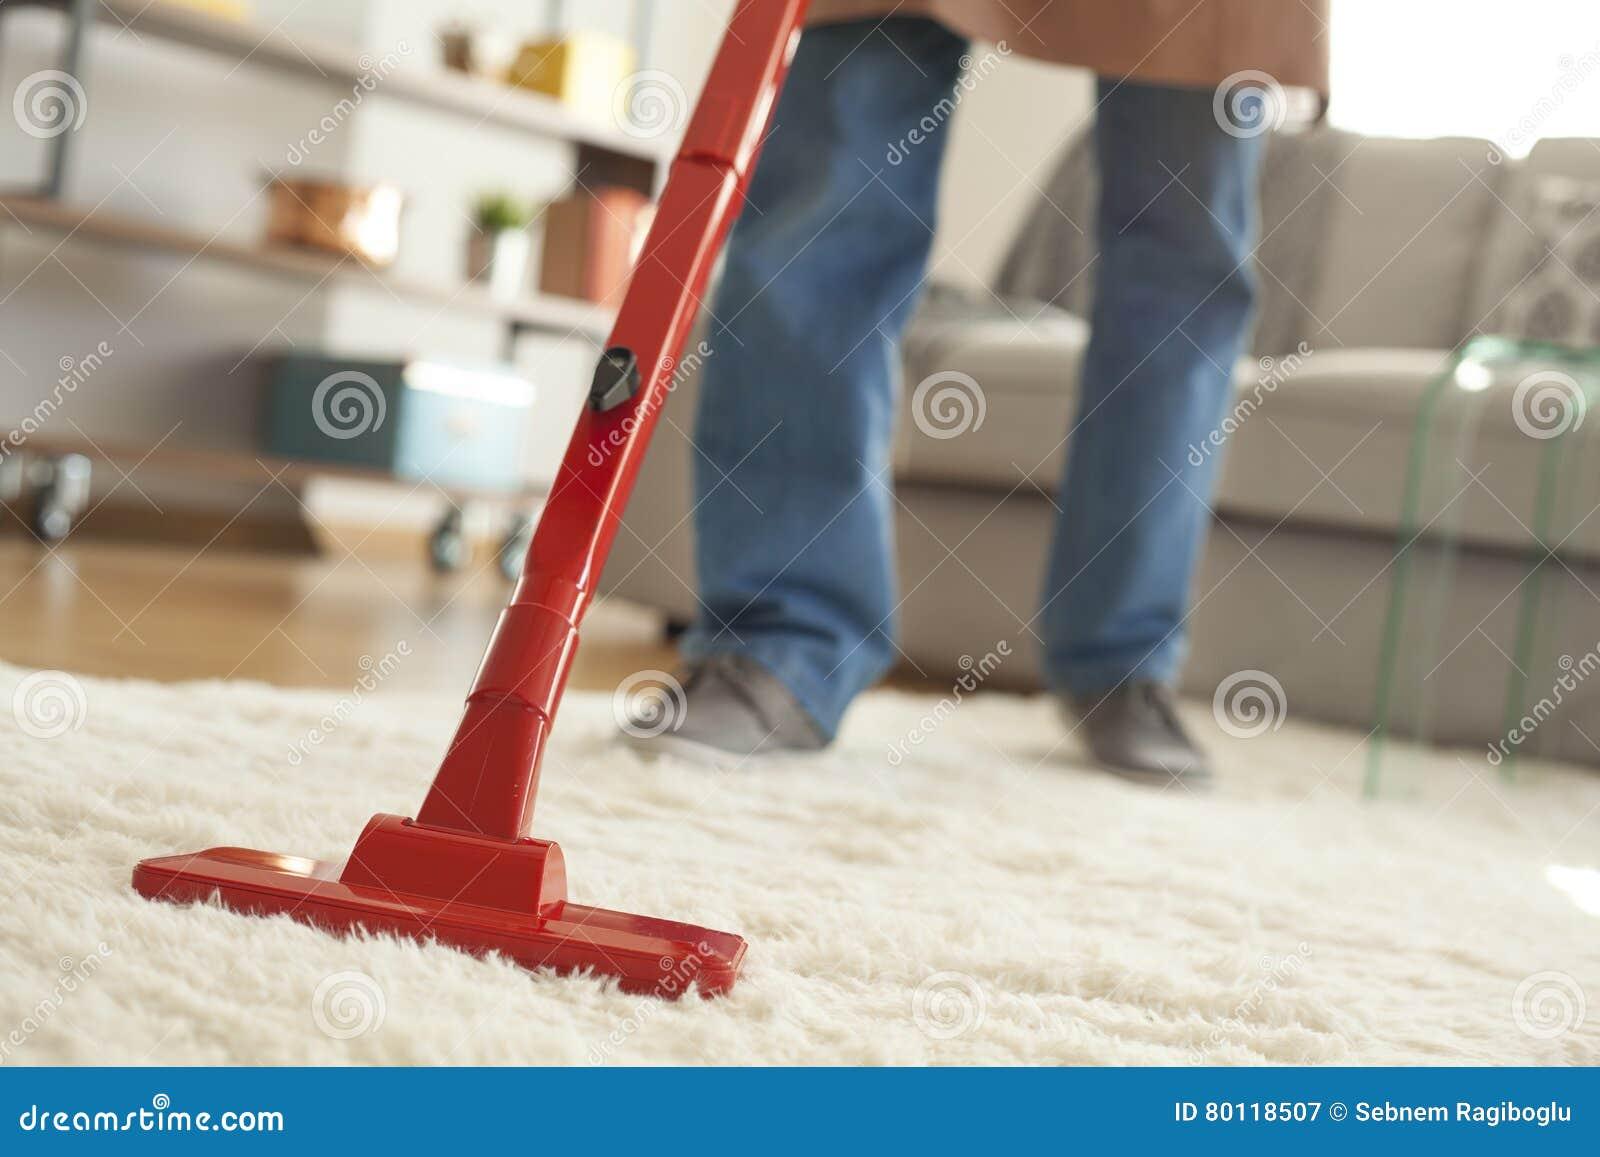 Καθαρίζοντας τάπητας ατόμων με μια ηλεκτρική σκούπα στο δωμάτιο